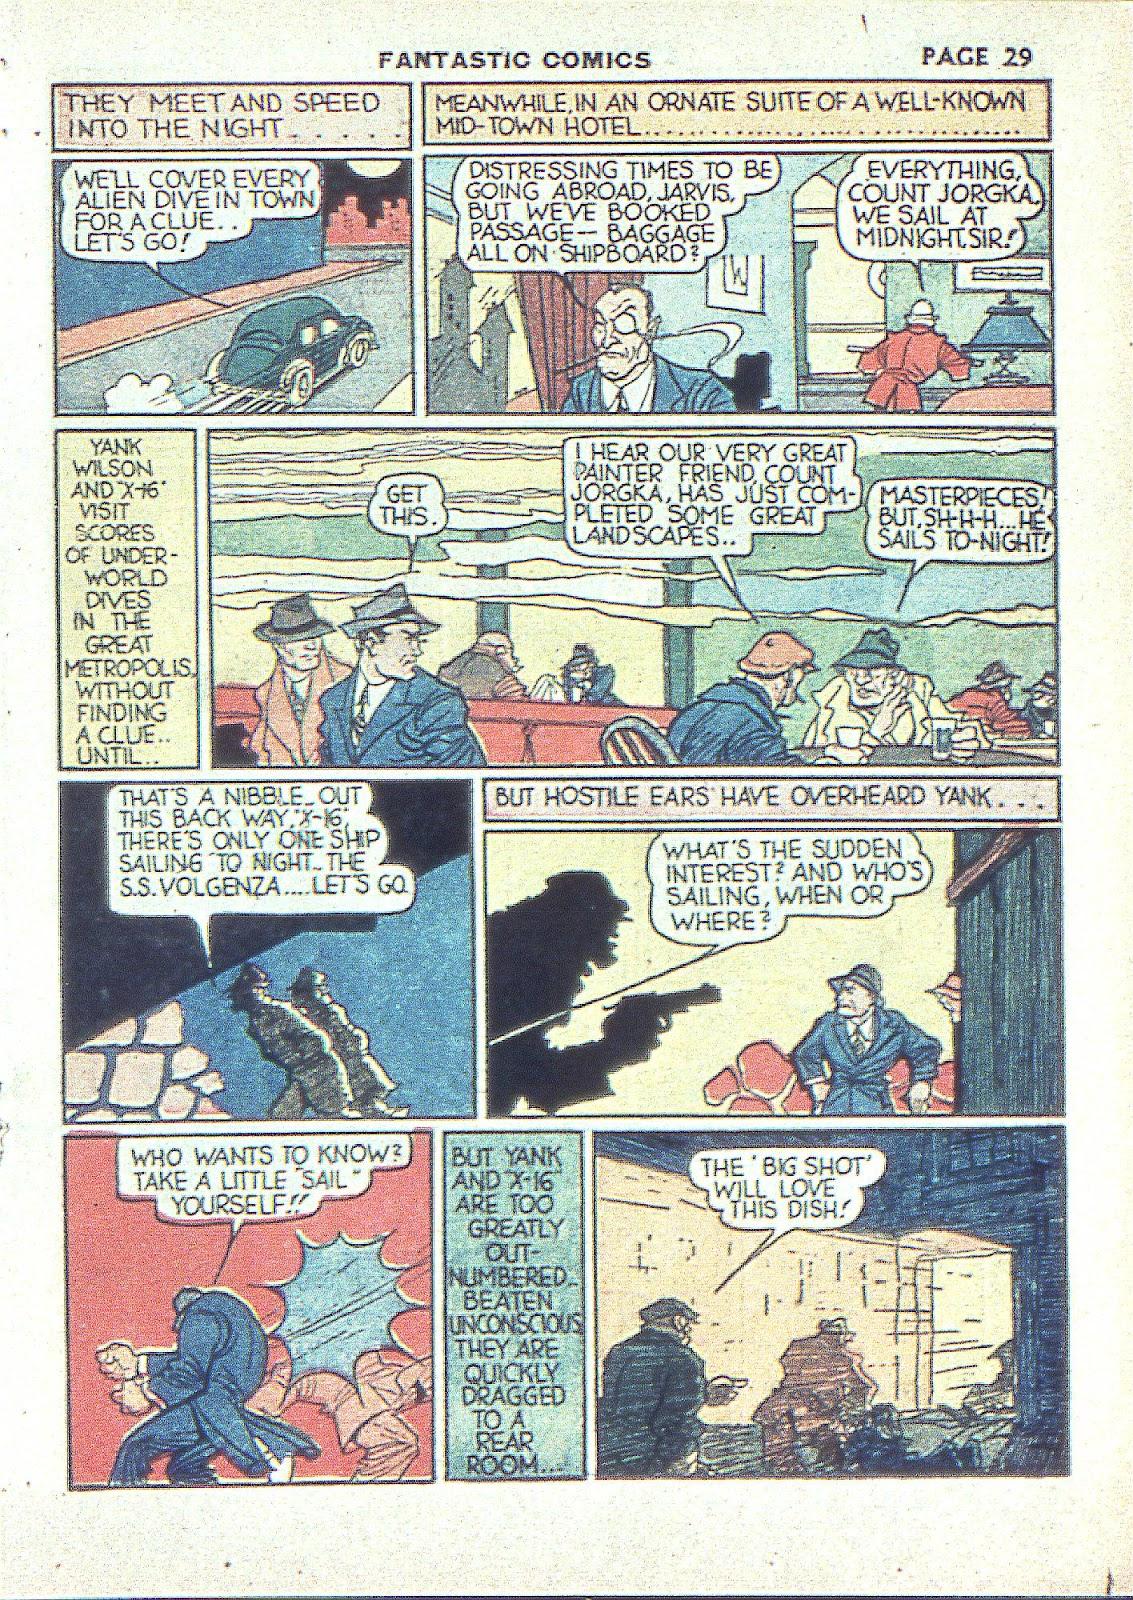 Read online Fantastic Comics comic -  Issue #3 - 32